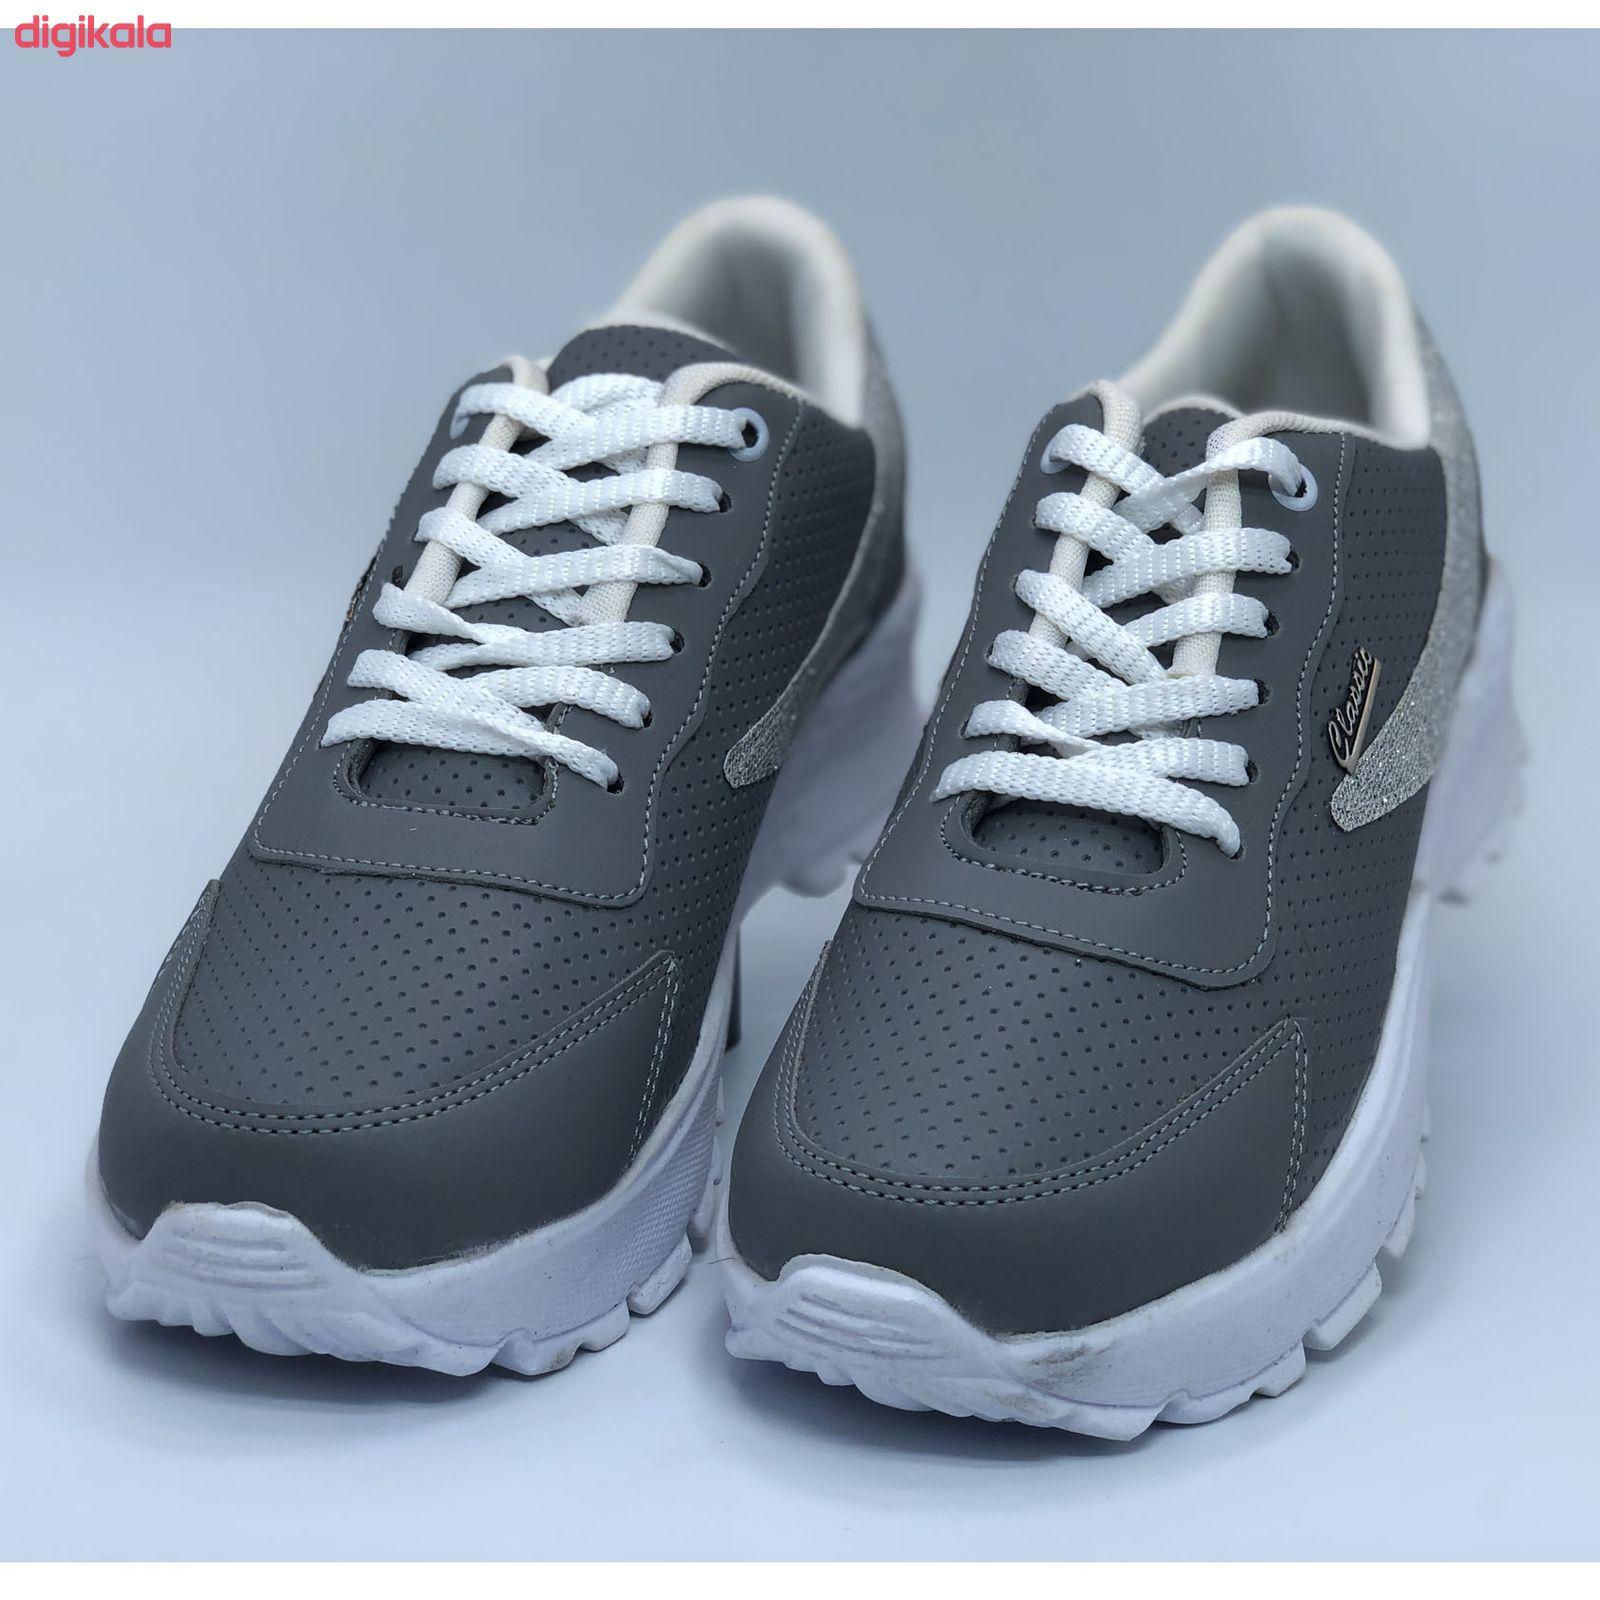 کفش مخصوص پیاده روی زنانه کد Go321 main 1 1